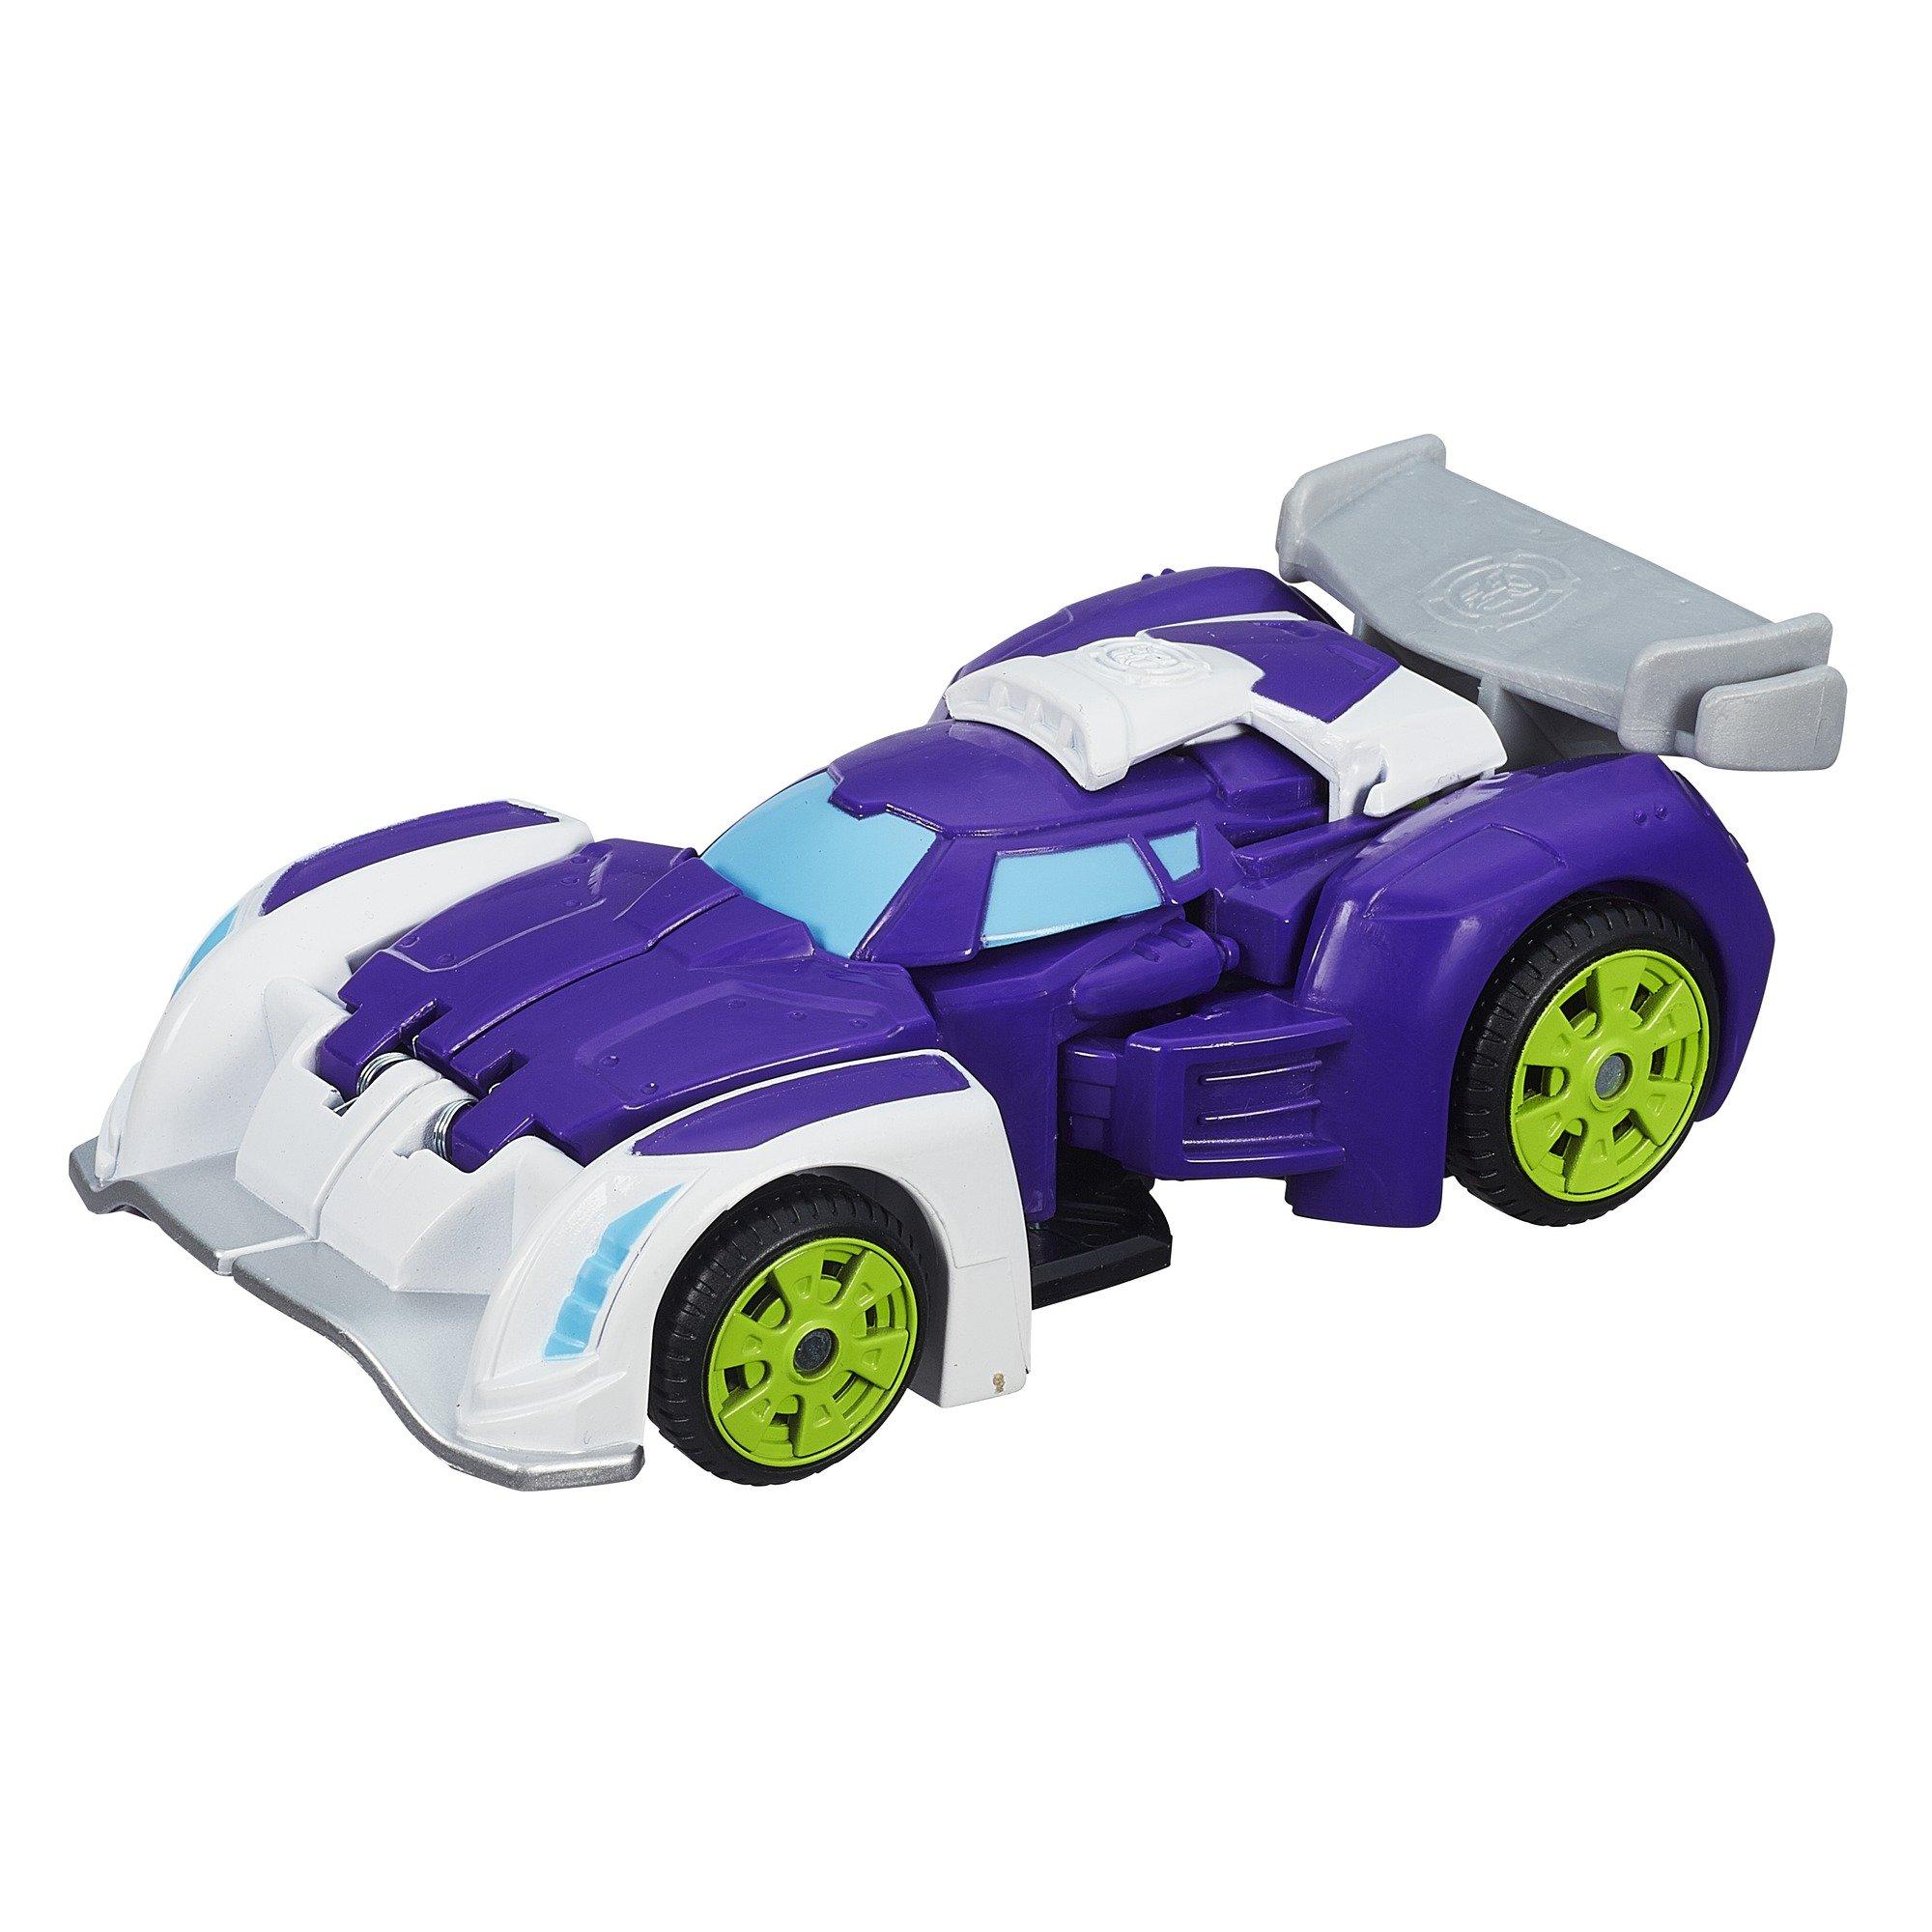 Playskool B1013 Heroes Transformers Rescue Bots Blurr Figure by Playskool (Image #3)